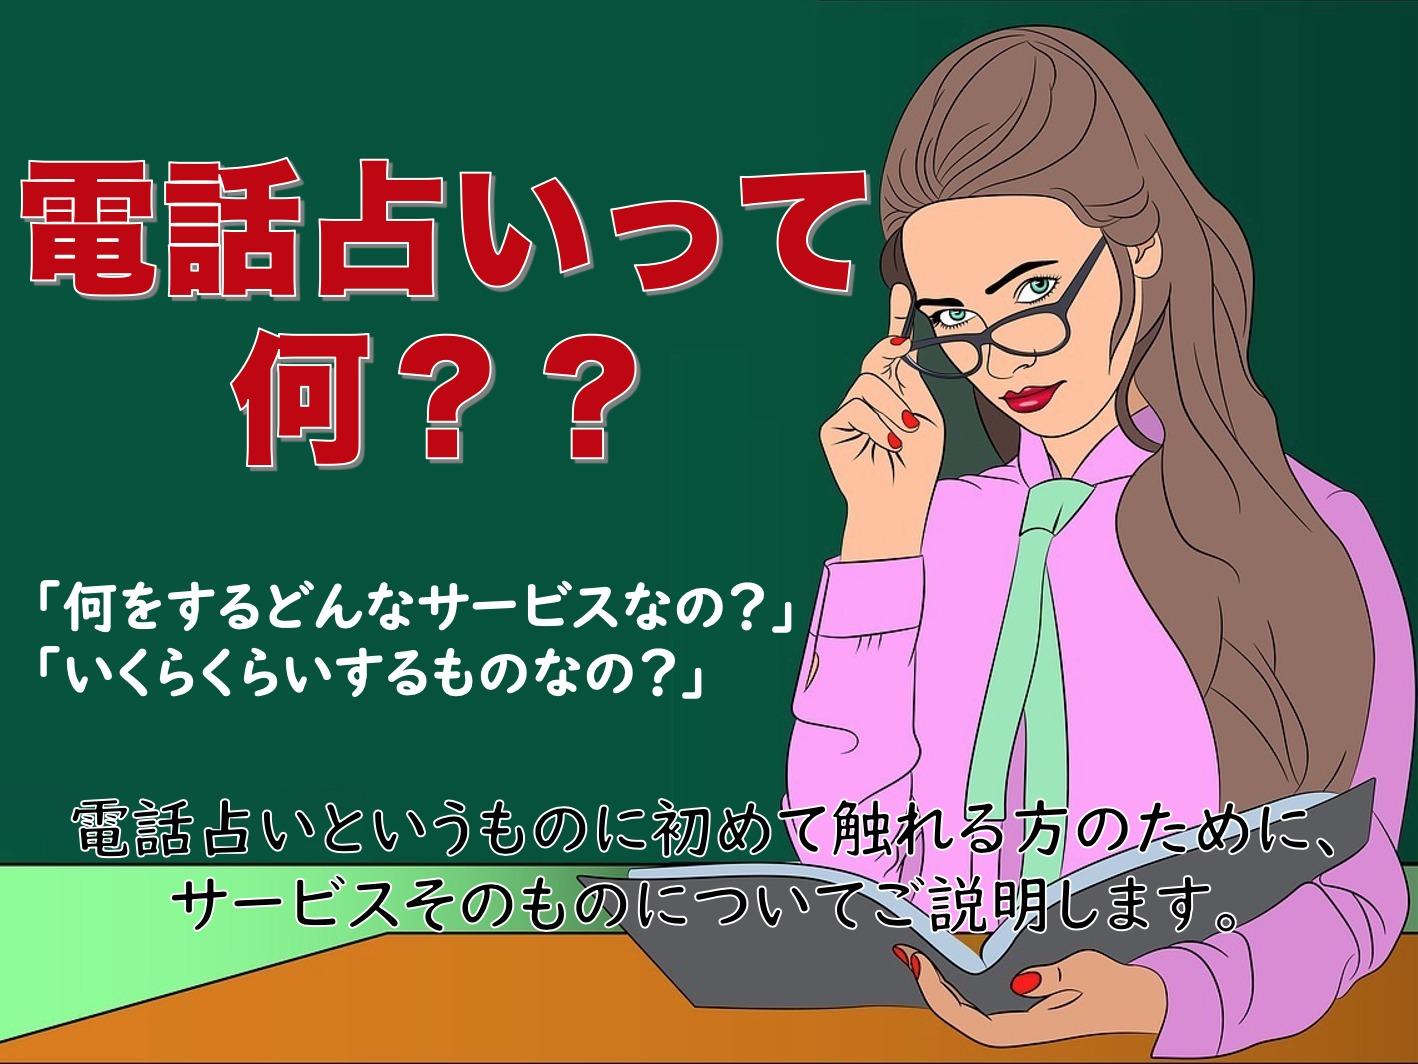 【はじめての電話占い】電話占いとはどんなサービスなのか?メリット&料金&使い方